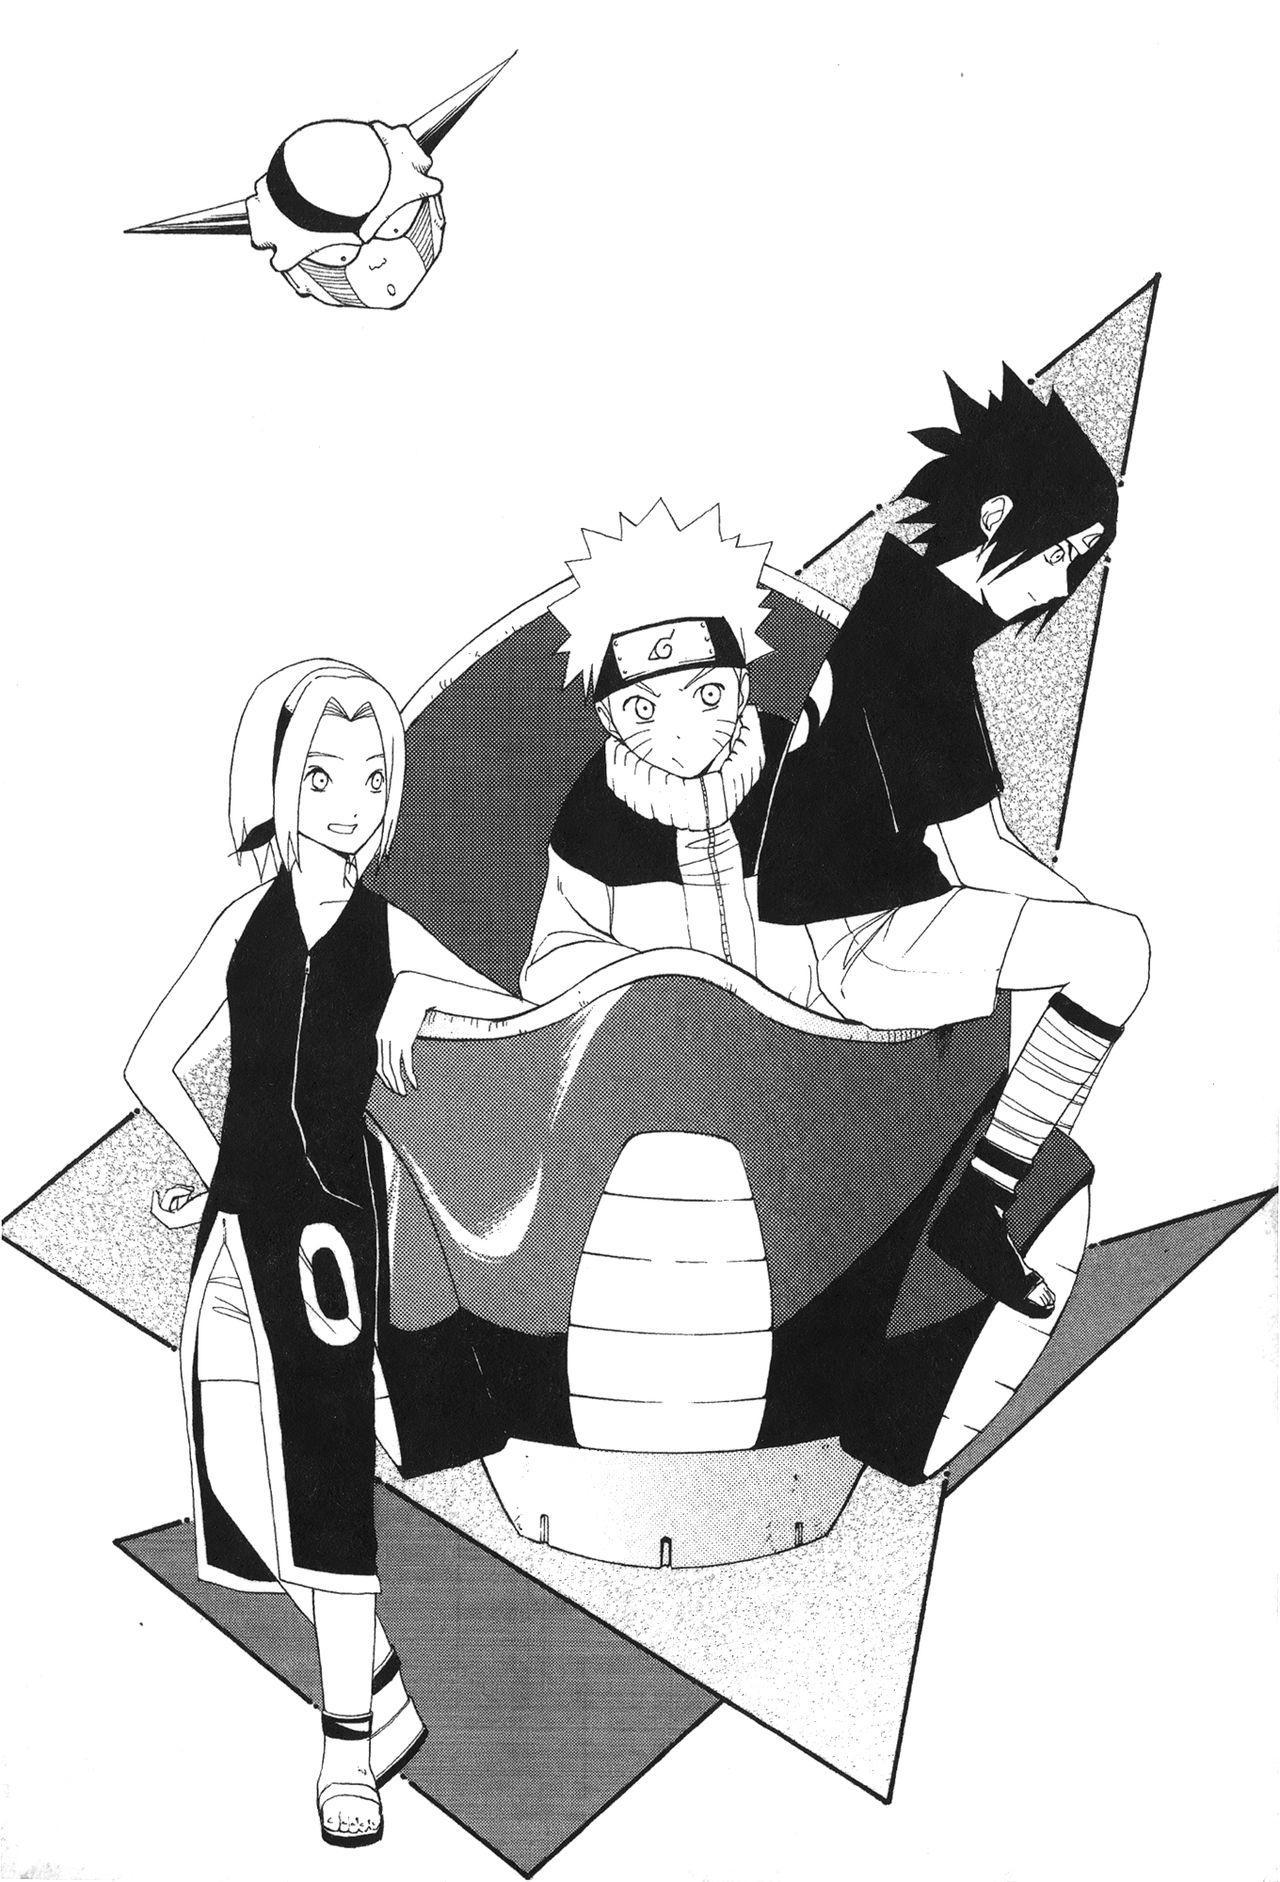 naruto ninja biography vol.02 62